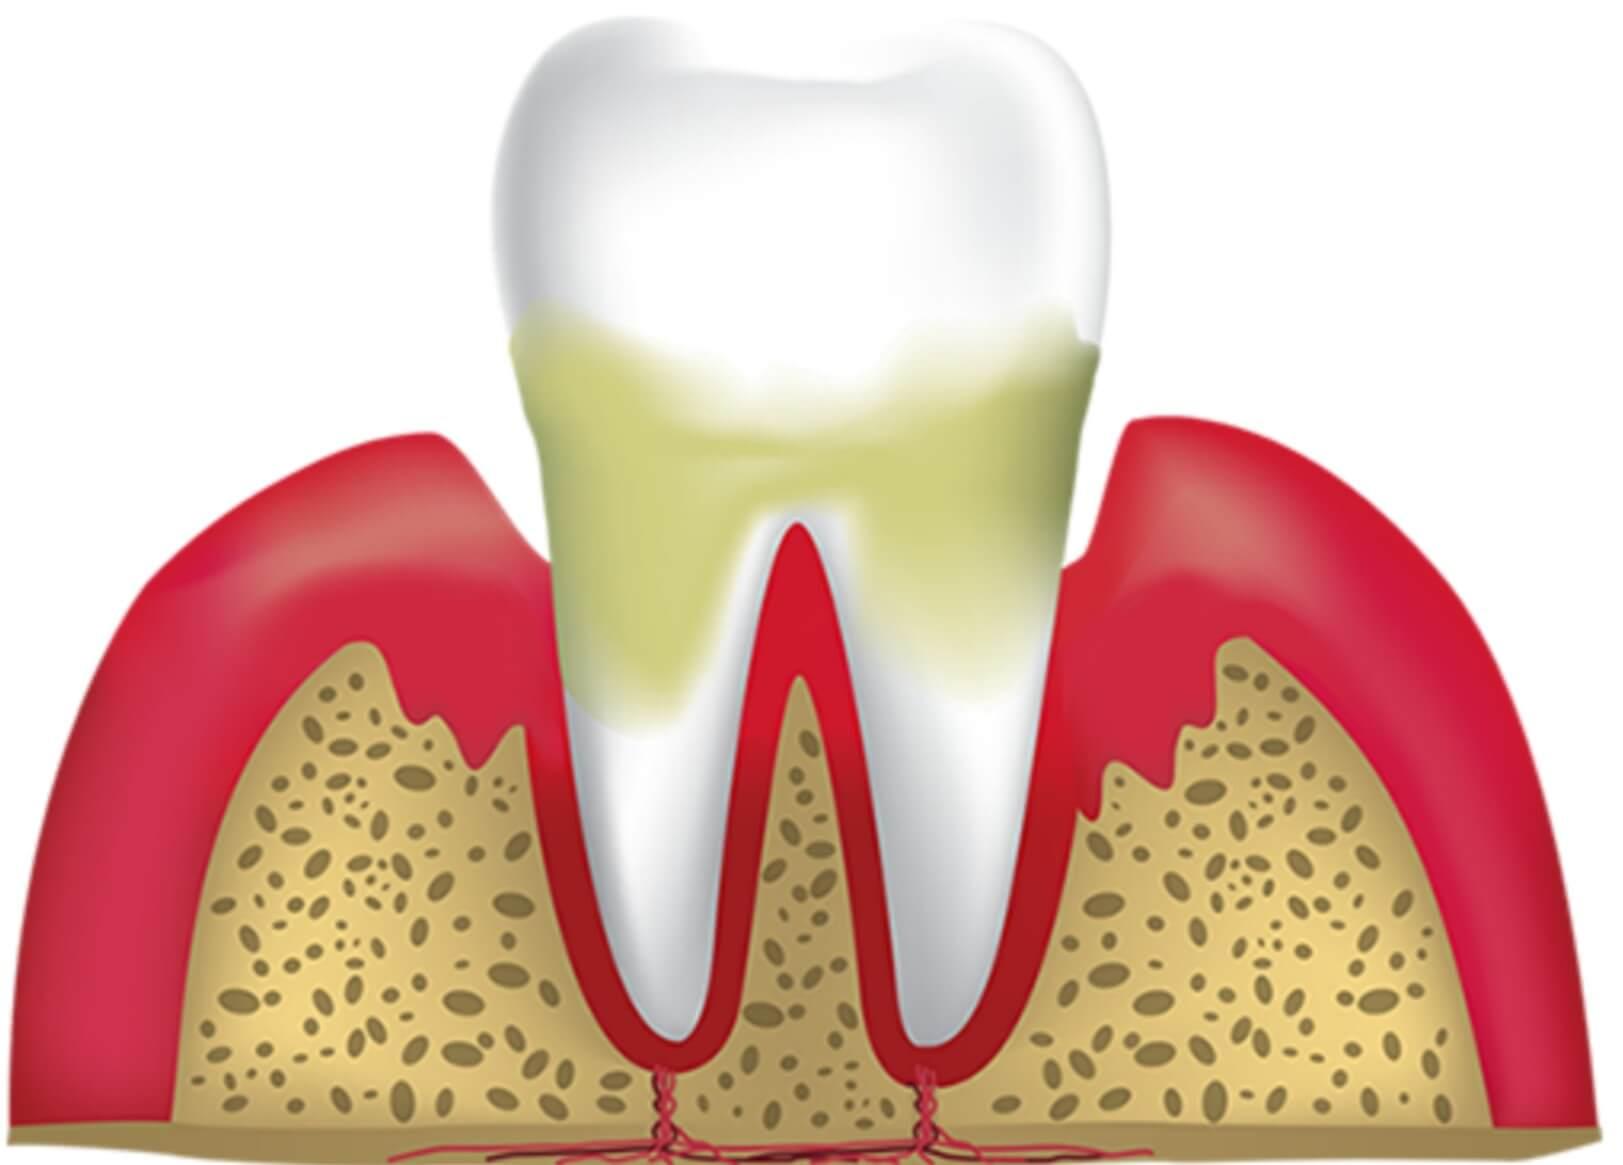 رشته پروتز های دندانی و بازار کار پروتز دندان